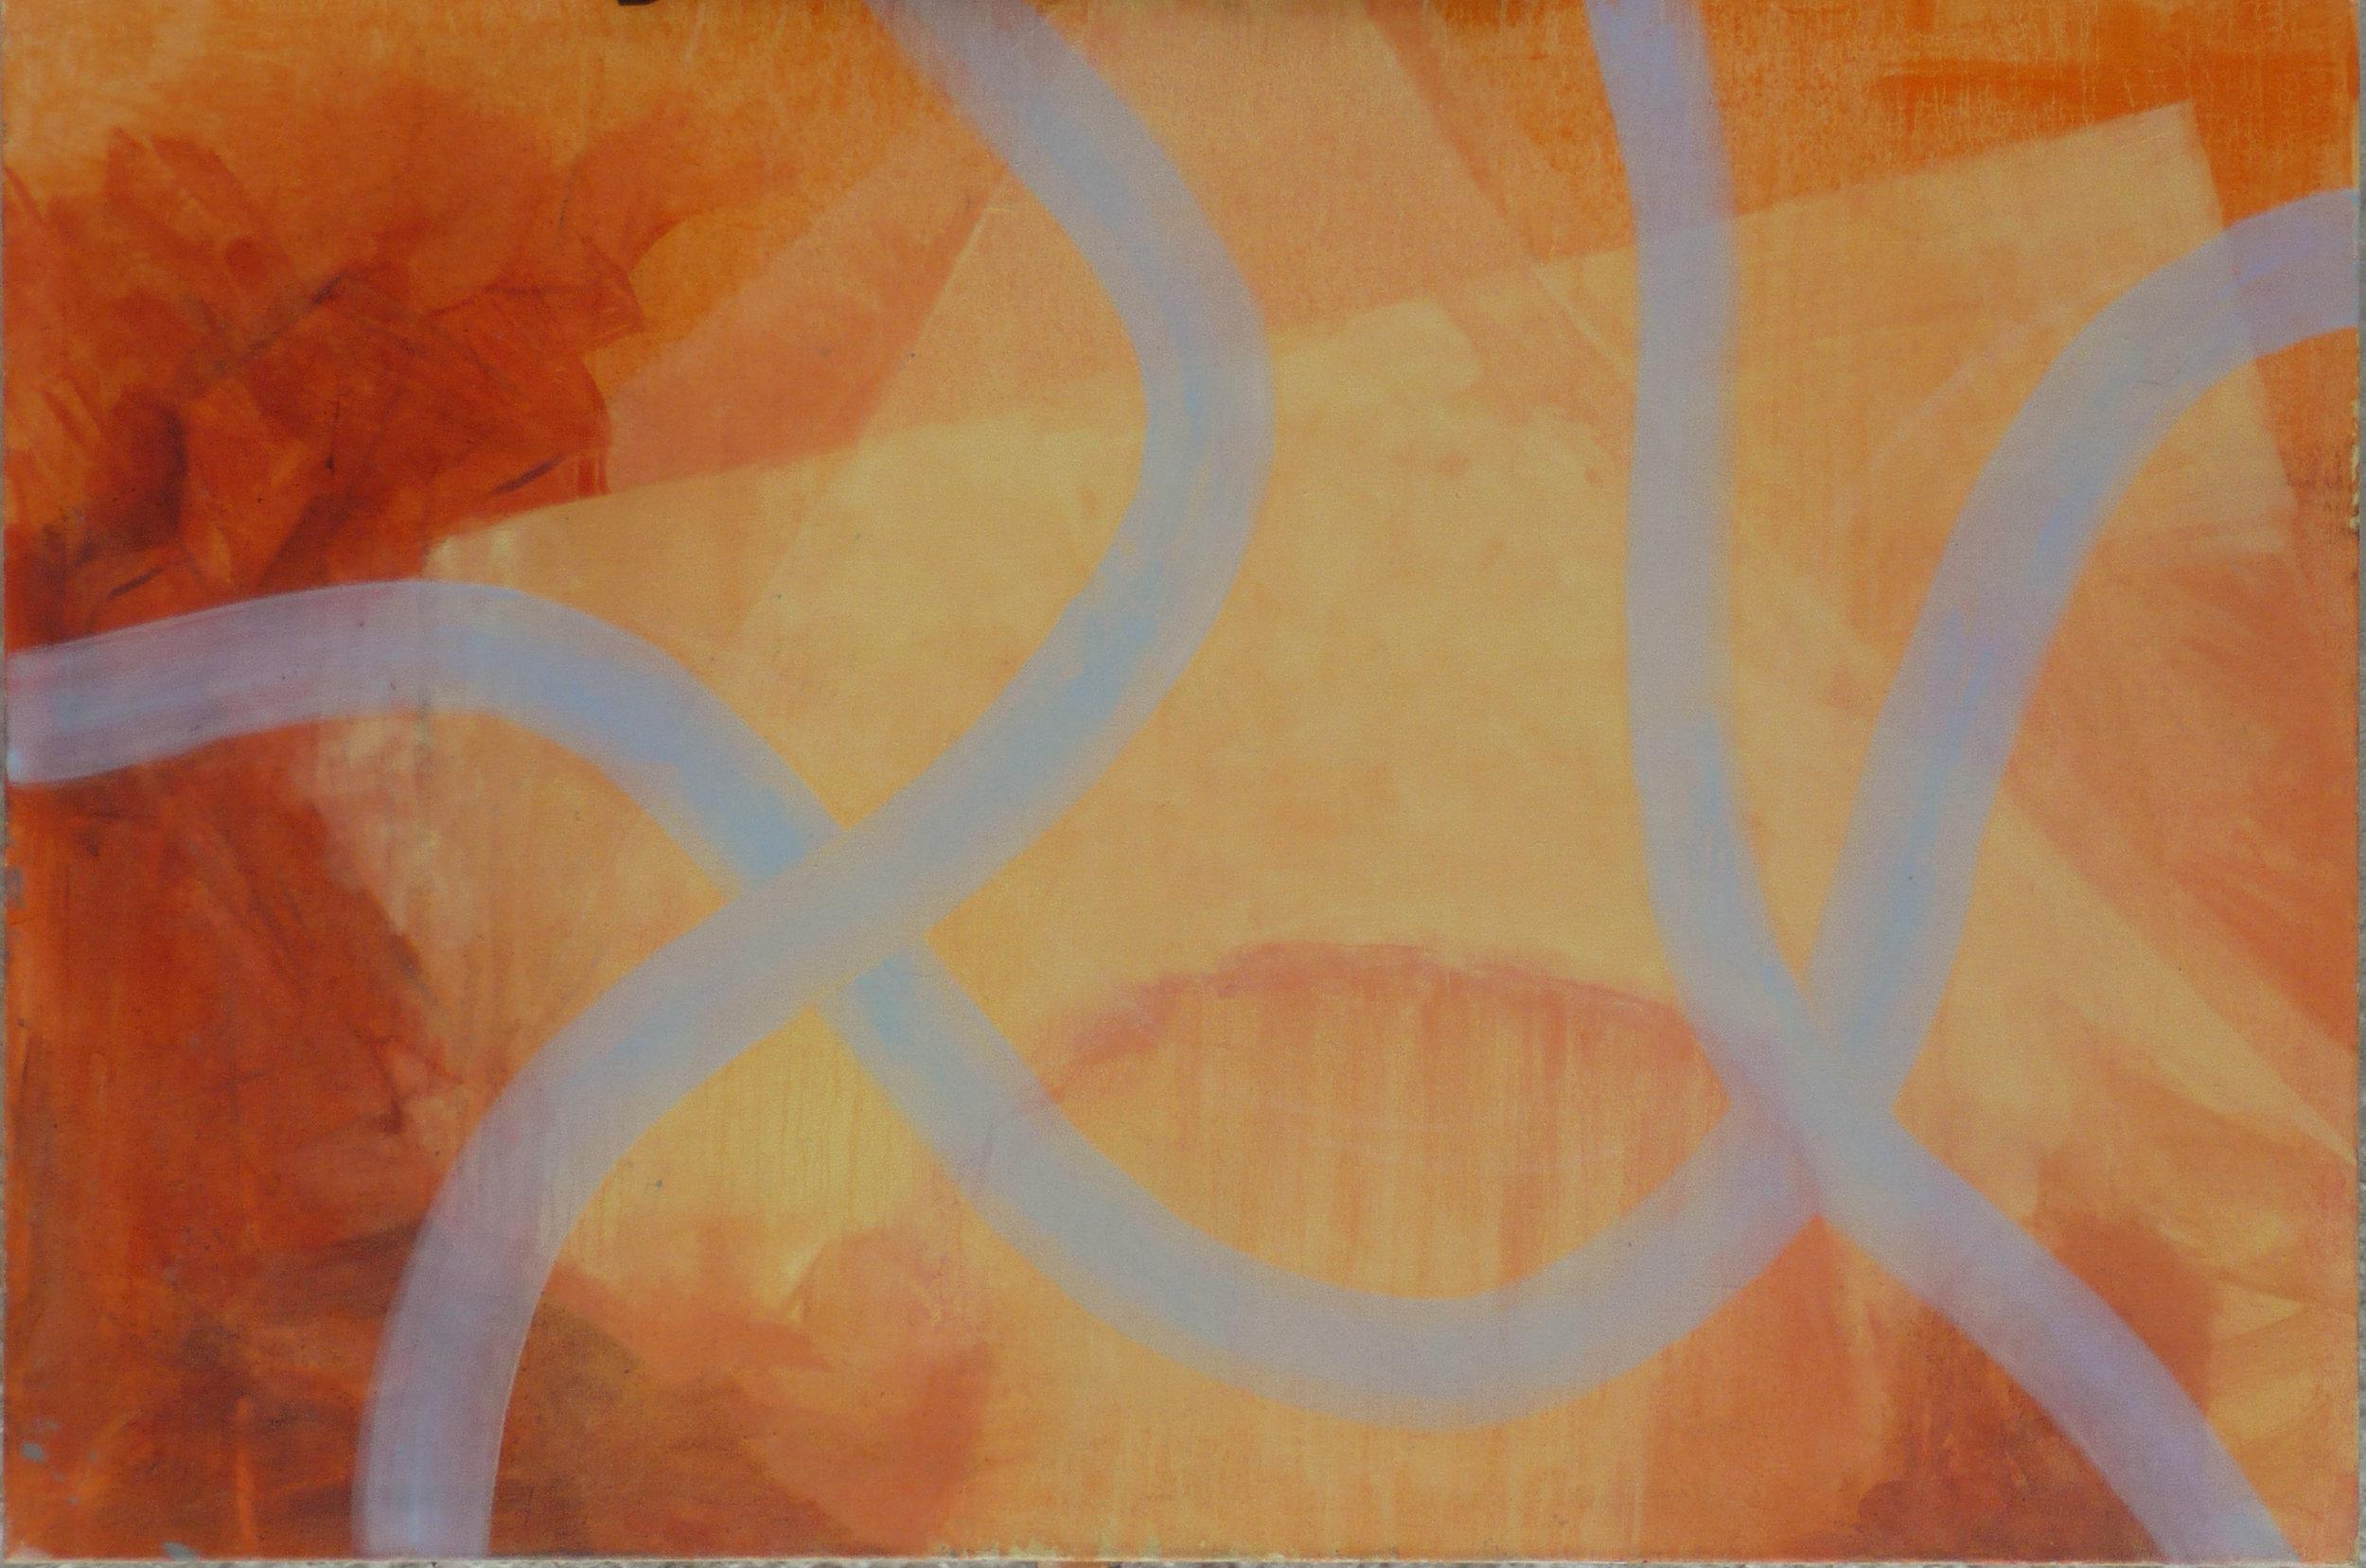 Schemenhaft ii, oil on canvas, 100 x 150 cm